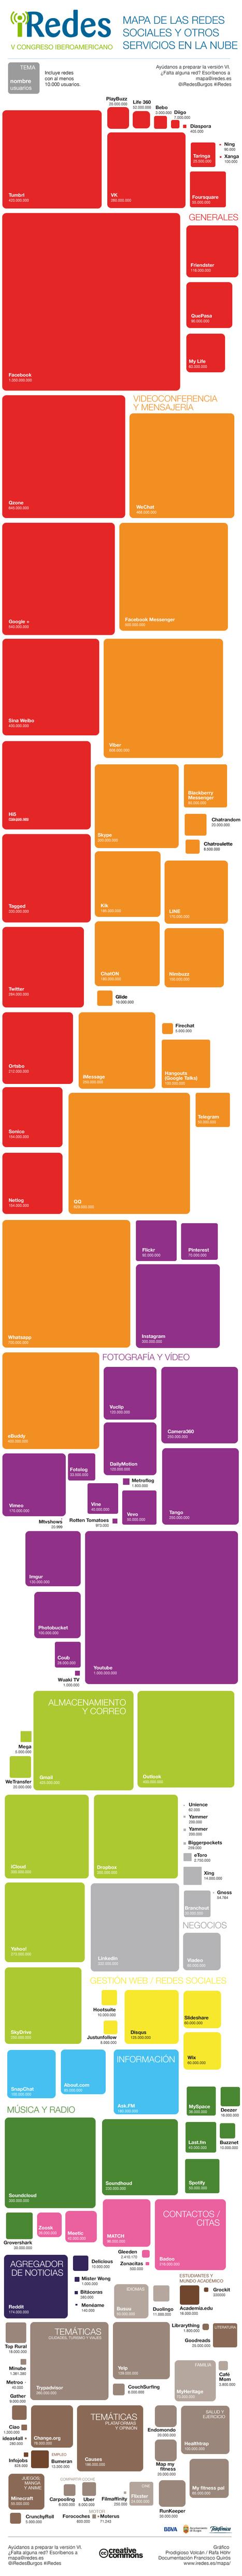 mapa redes sociales y servicios en la nube 2015 | Recursos, aplicaciones TIC, y más | Scoop.it